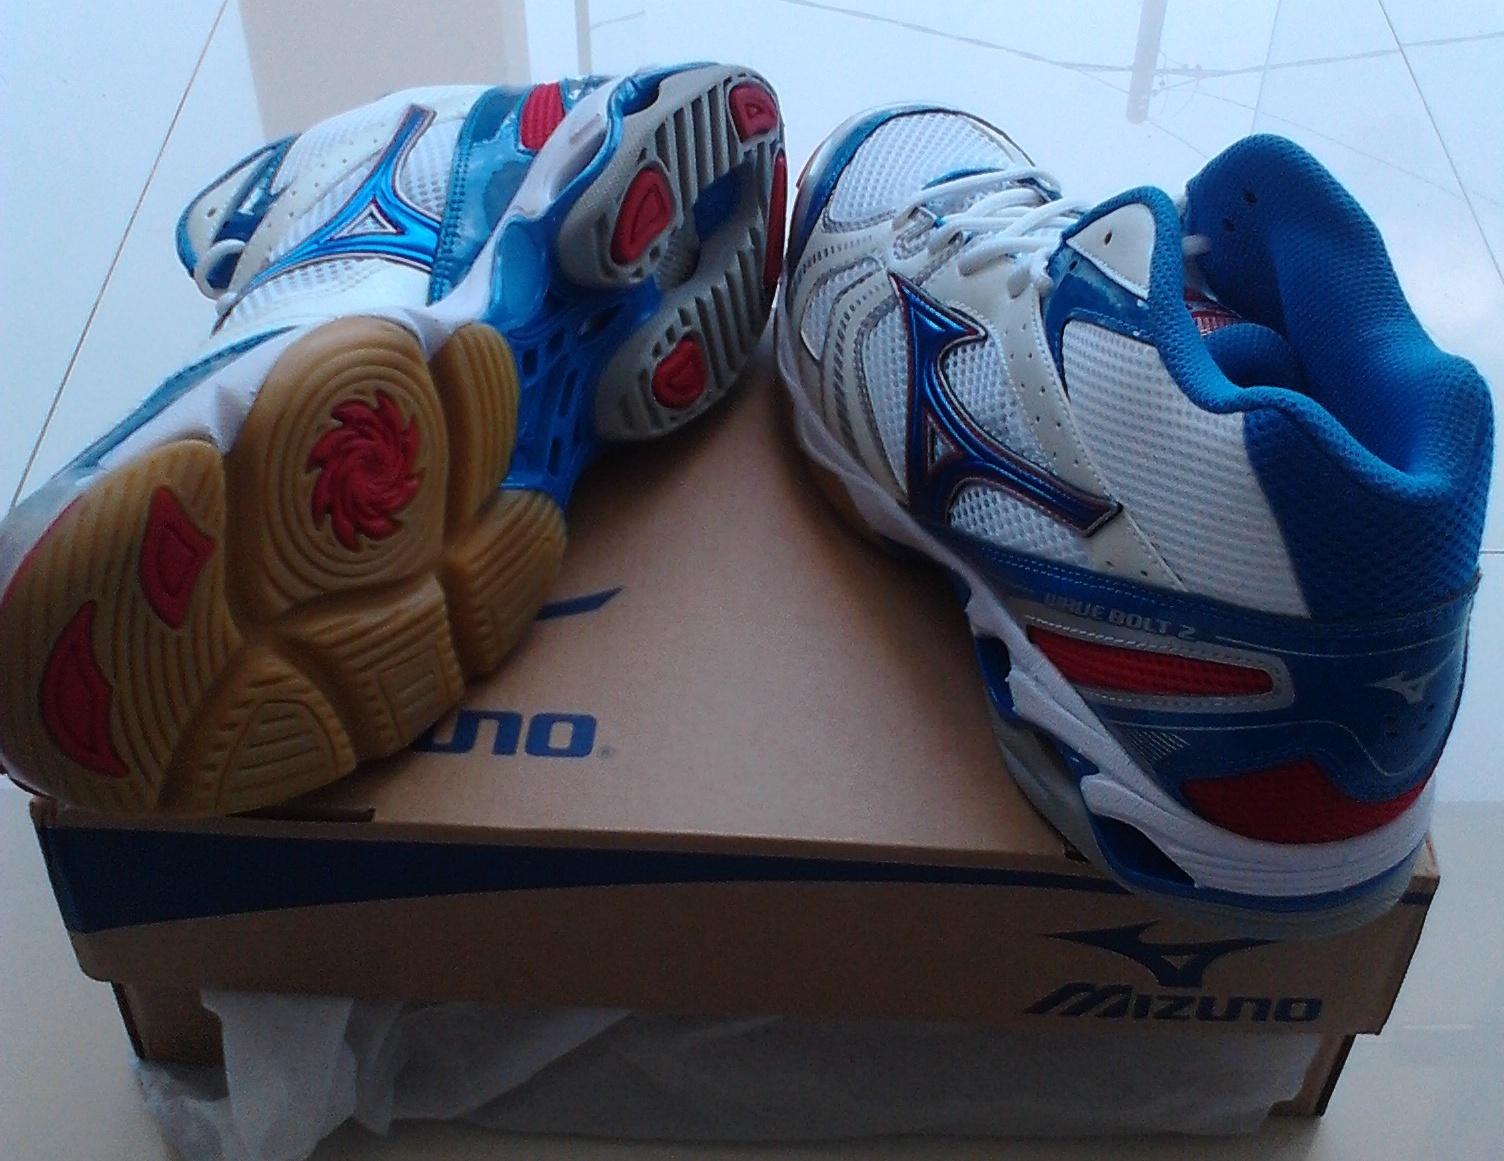 Kami Distributor Sepatu Mizuno Dan Jual Asli Futsal  Ber Kualitas Wave Bolt Mid Img 20140221 114245